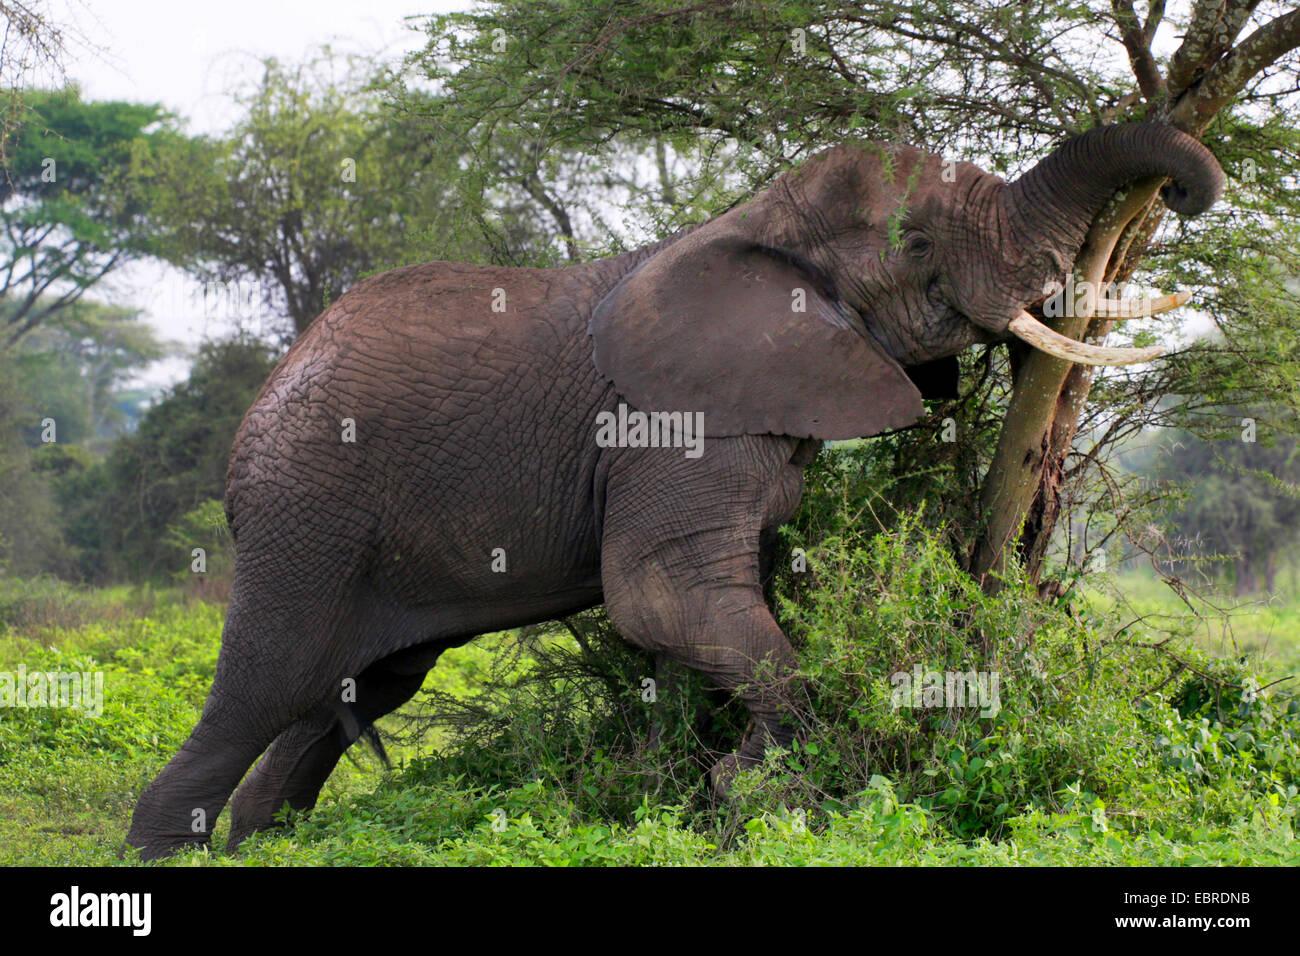 Elefante africano (Loxodonta africana), misurando le sue forze in corrispondenza di un albero, Tanzania Serengeti Immagini Stock